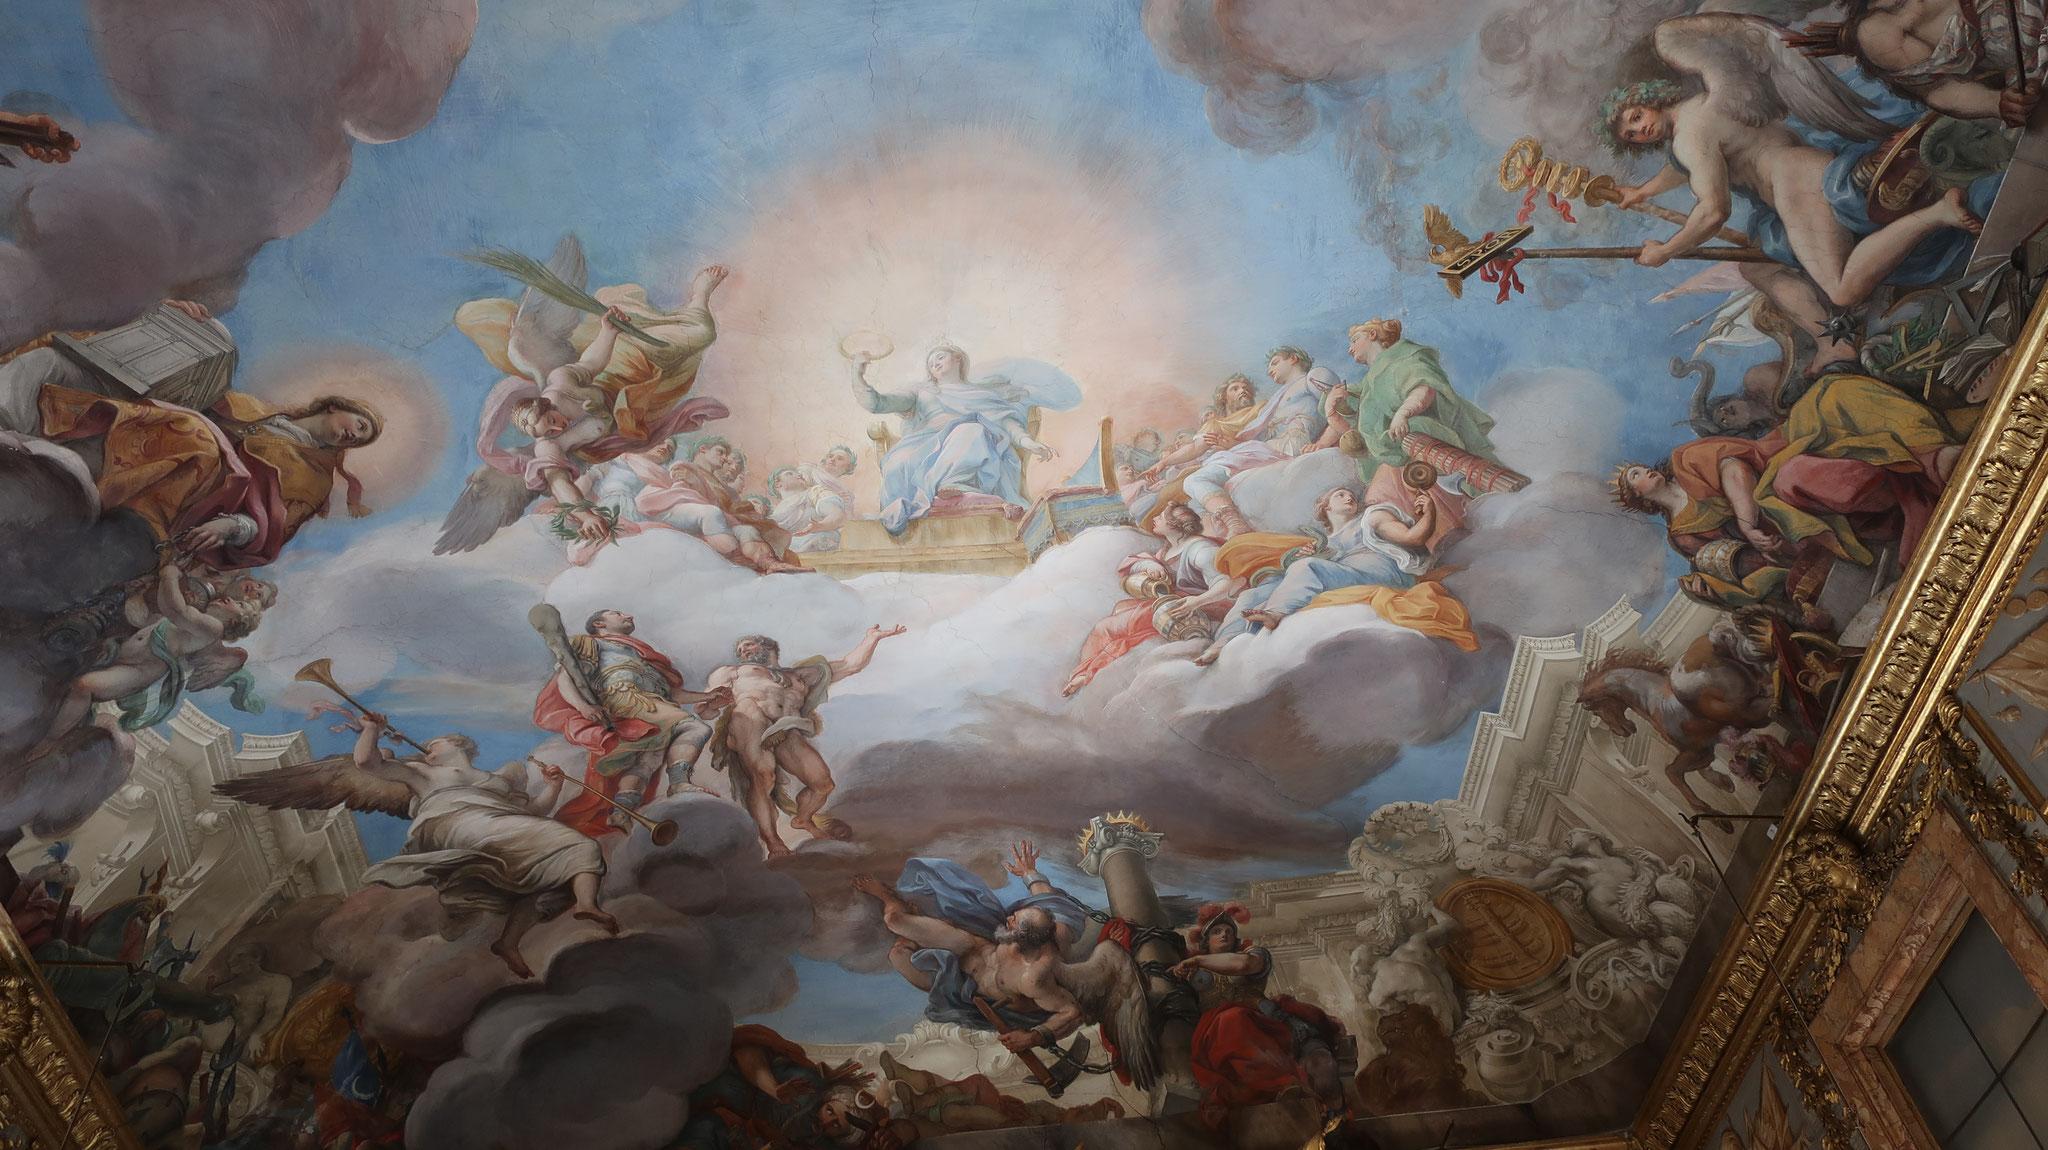 天井のフレスコ画「天上で聖母マリアに紹介されたマルカントニオ・コロンナ2世」。18世紀、ジュゼッペ・バルトロメオ・キアリ作。